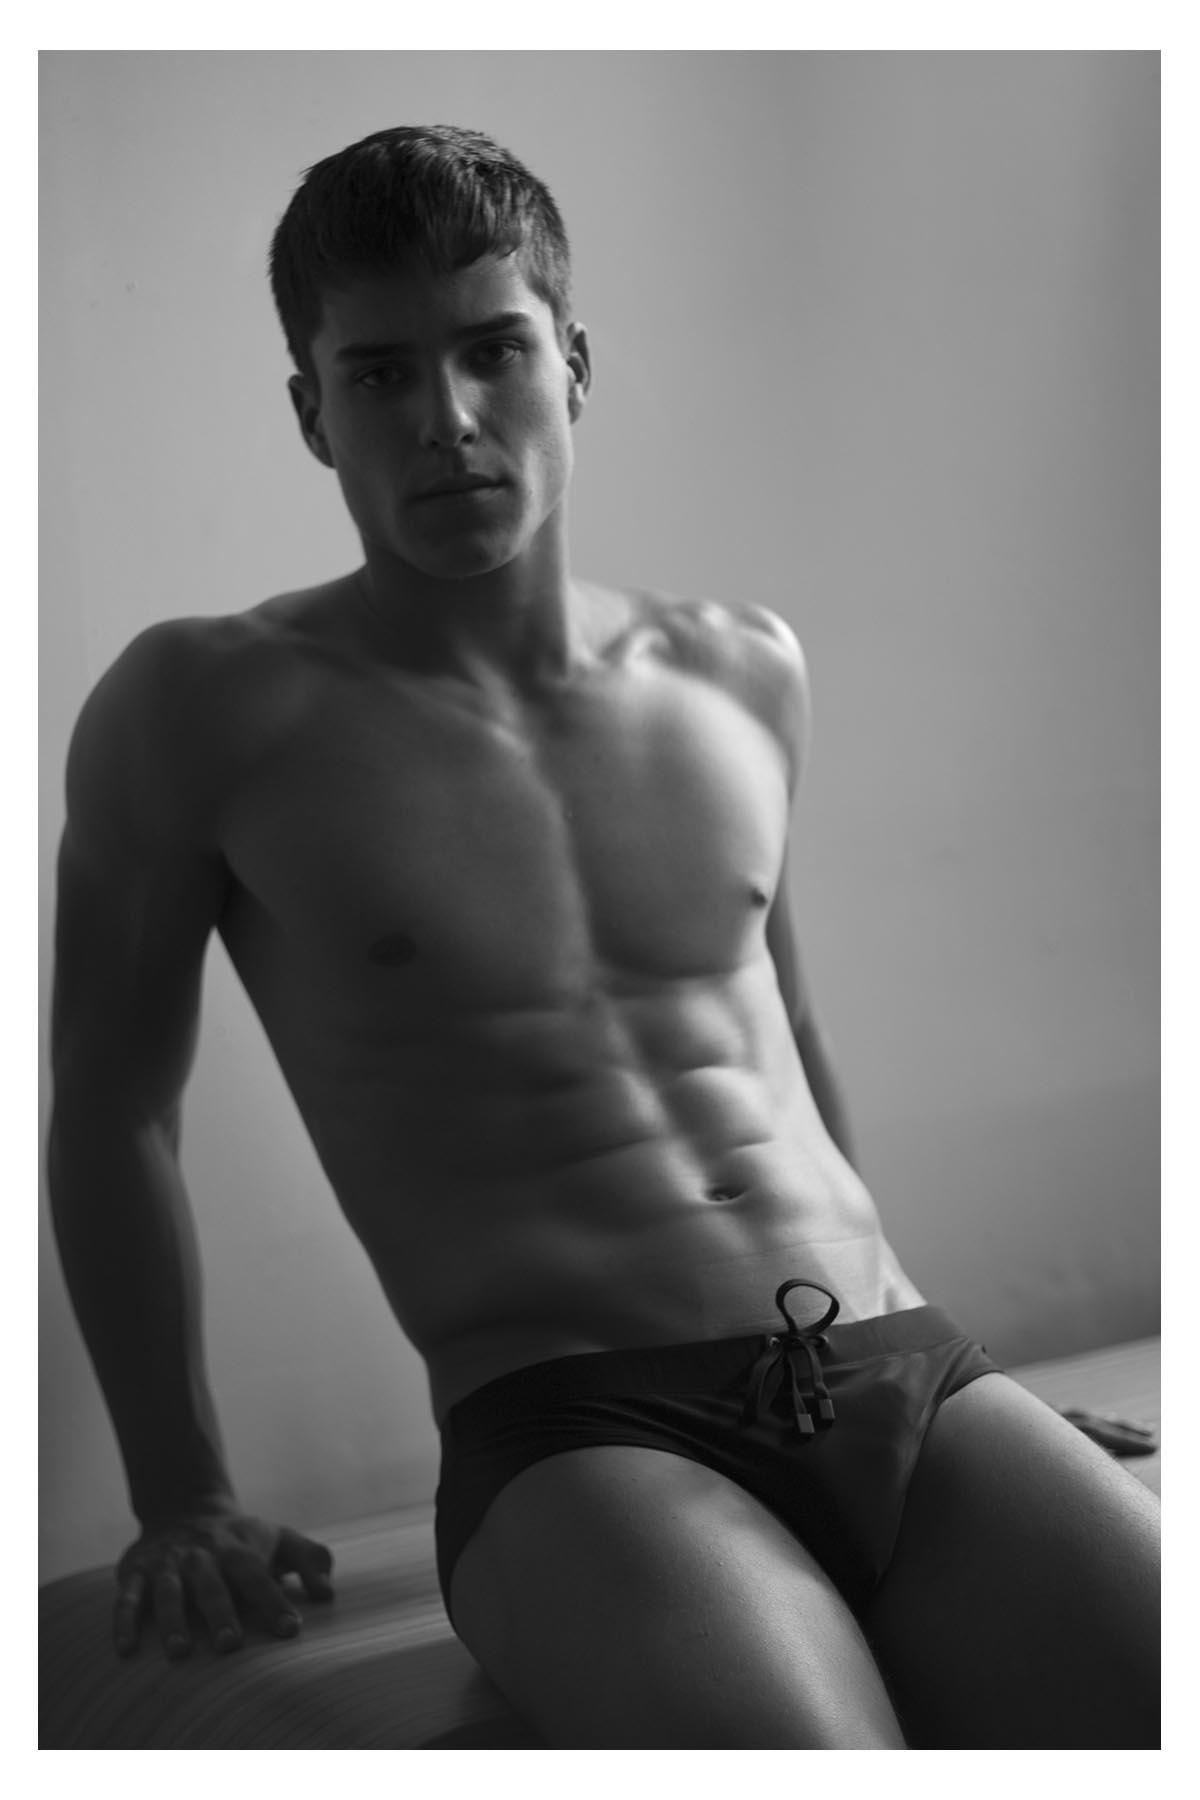 2018090103120435 - 巴西肌肉男模 Pedro Maia / Filipe Galgani摄影作品